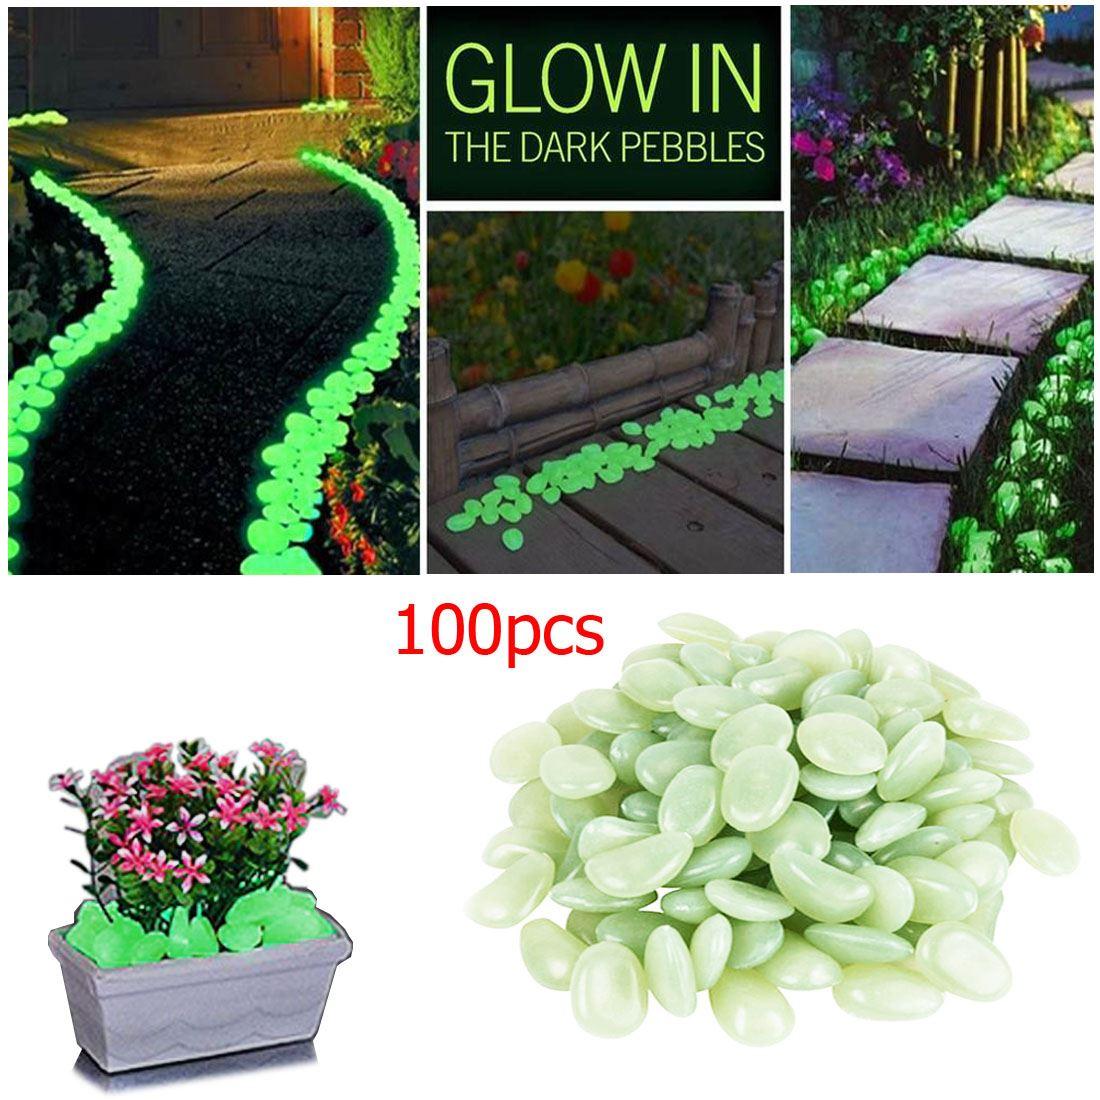 100 green glow in dark pebbles stones luminous garden for Outdoor aquarium uk